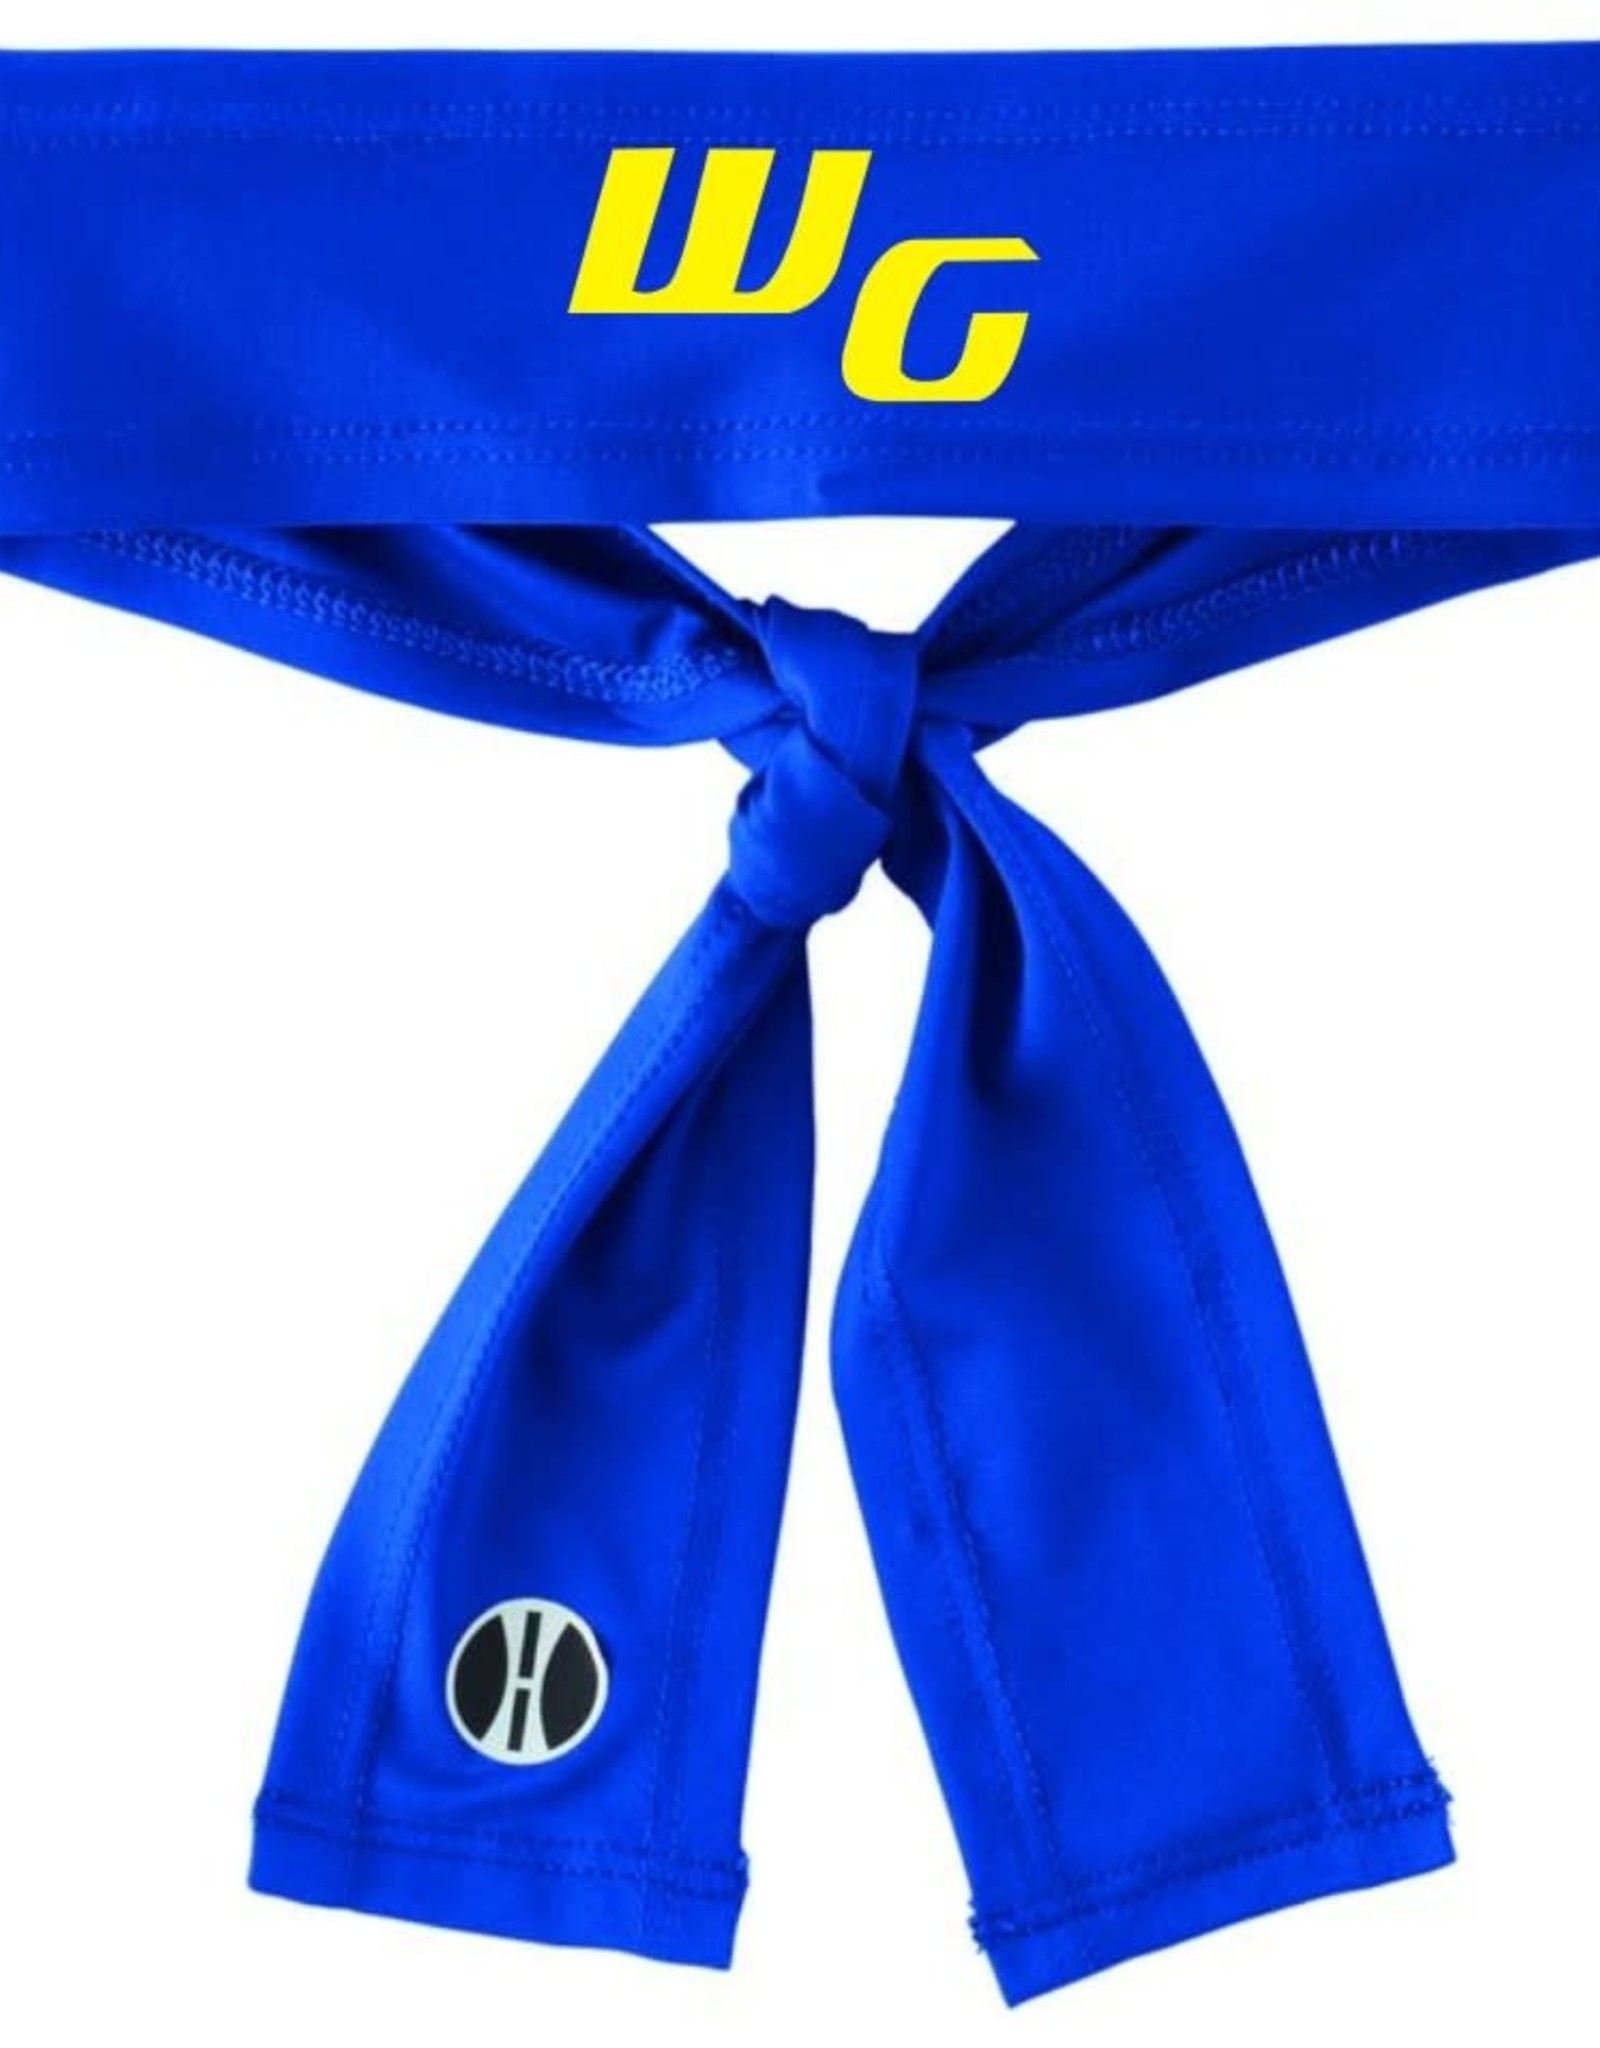 Holloway. T184-223846 Zoom Tie Headband